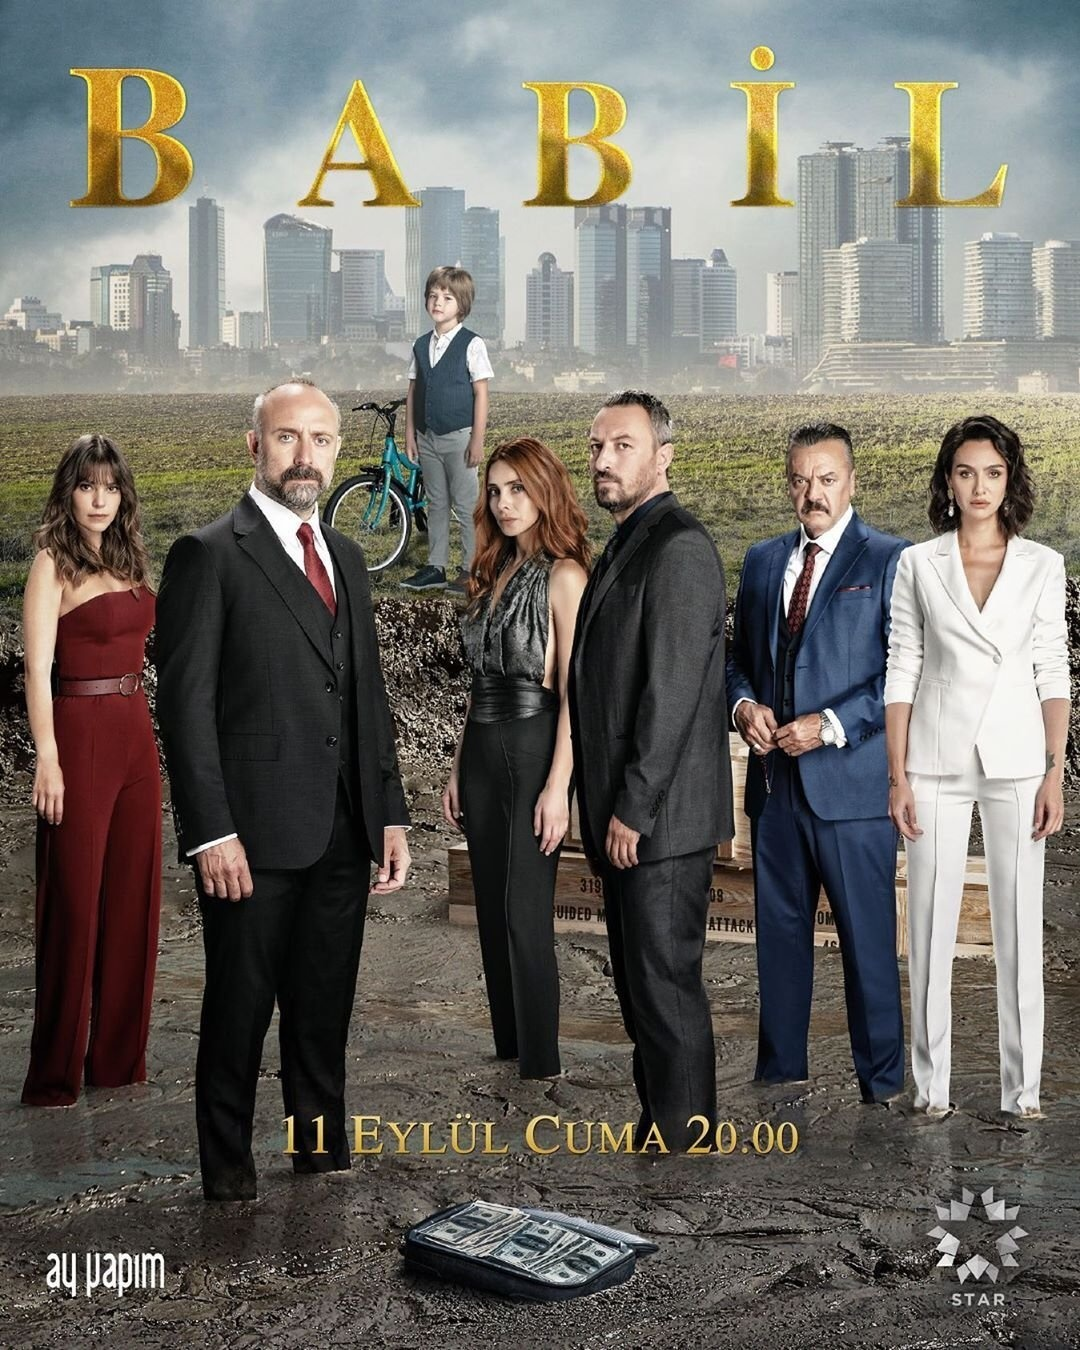 بابل 2 الحلقة 4 مدبلج